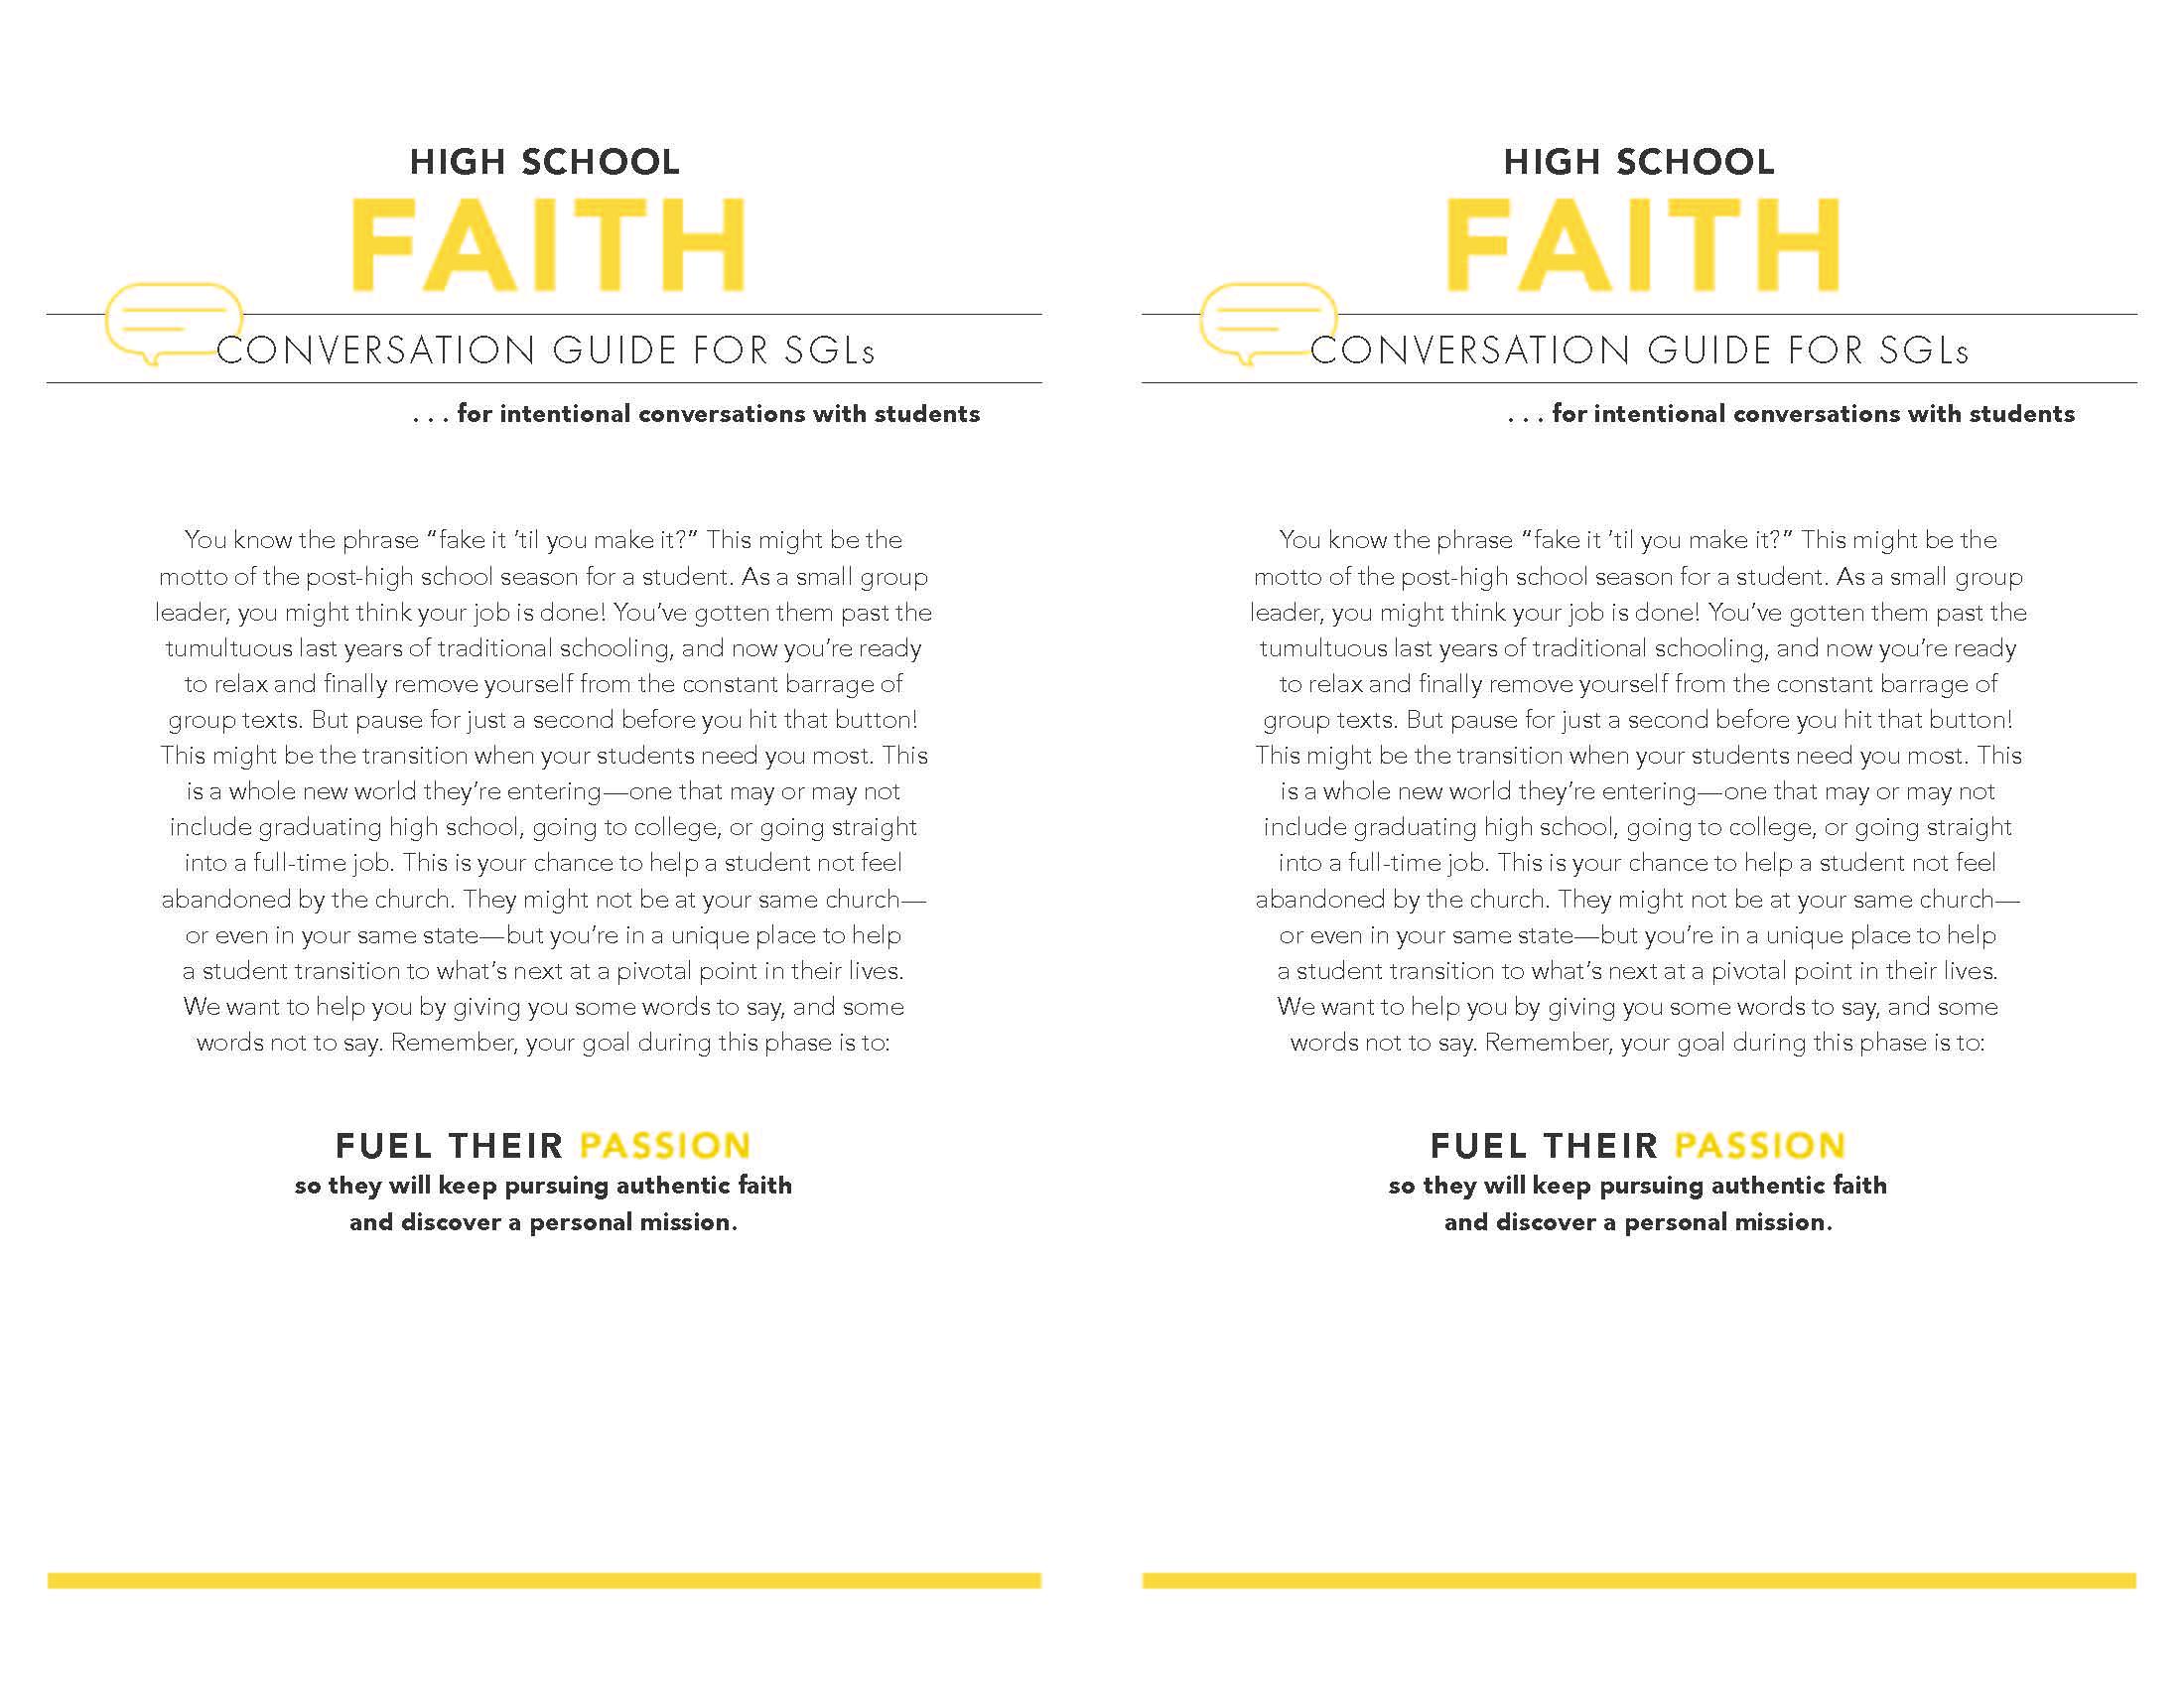 High School Faith Page 1